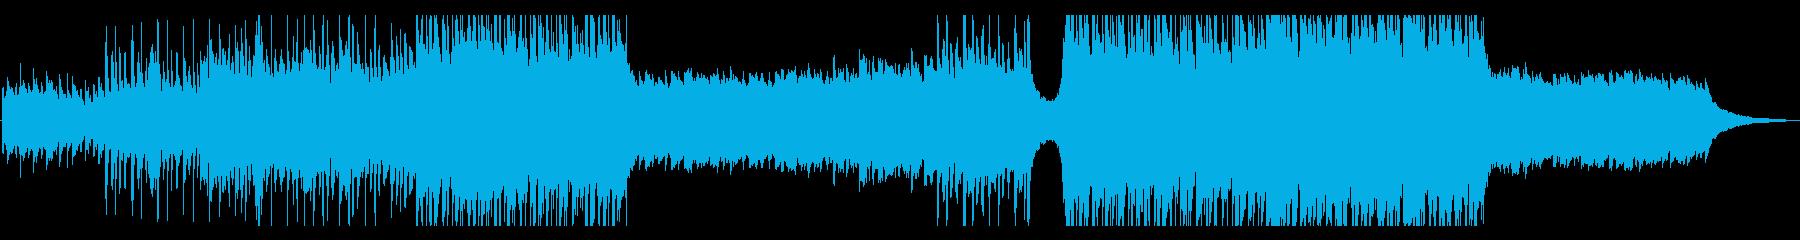 ポップ ロック アンビエント コー...の再生済みの波形